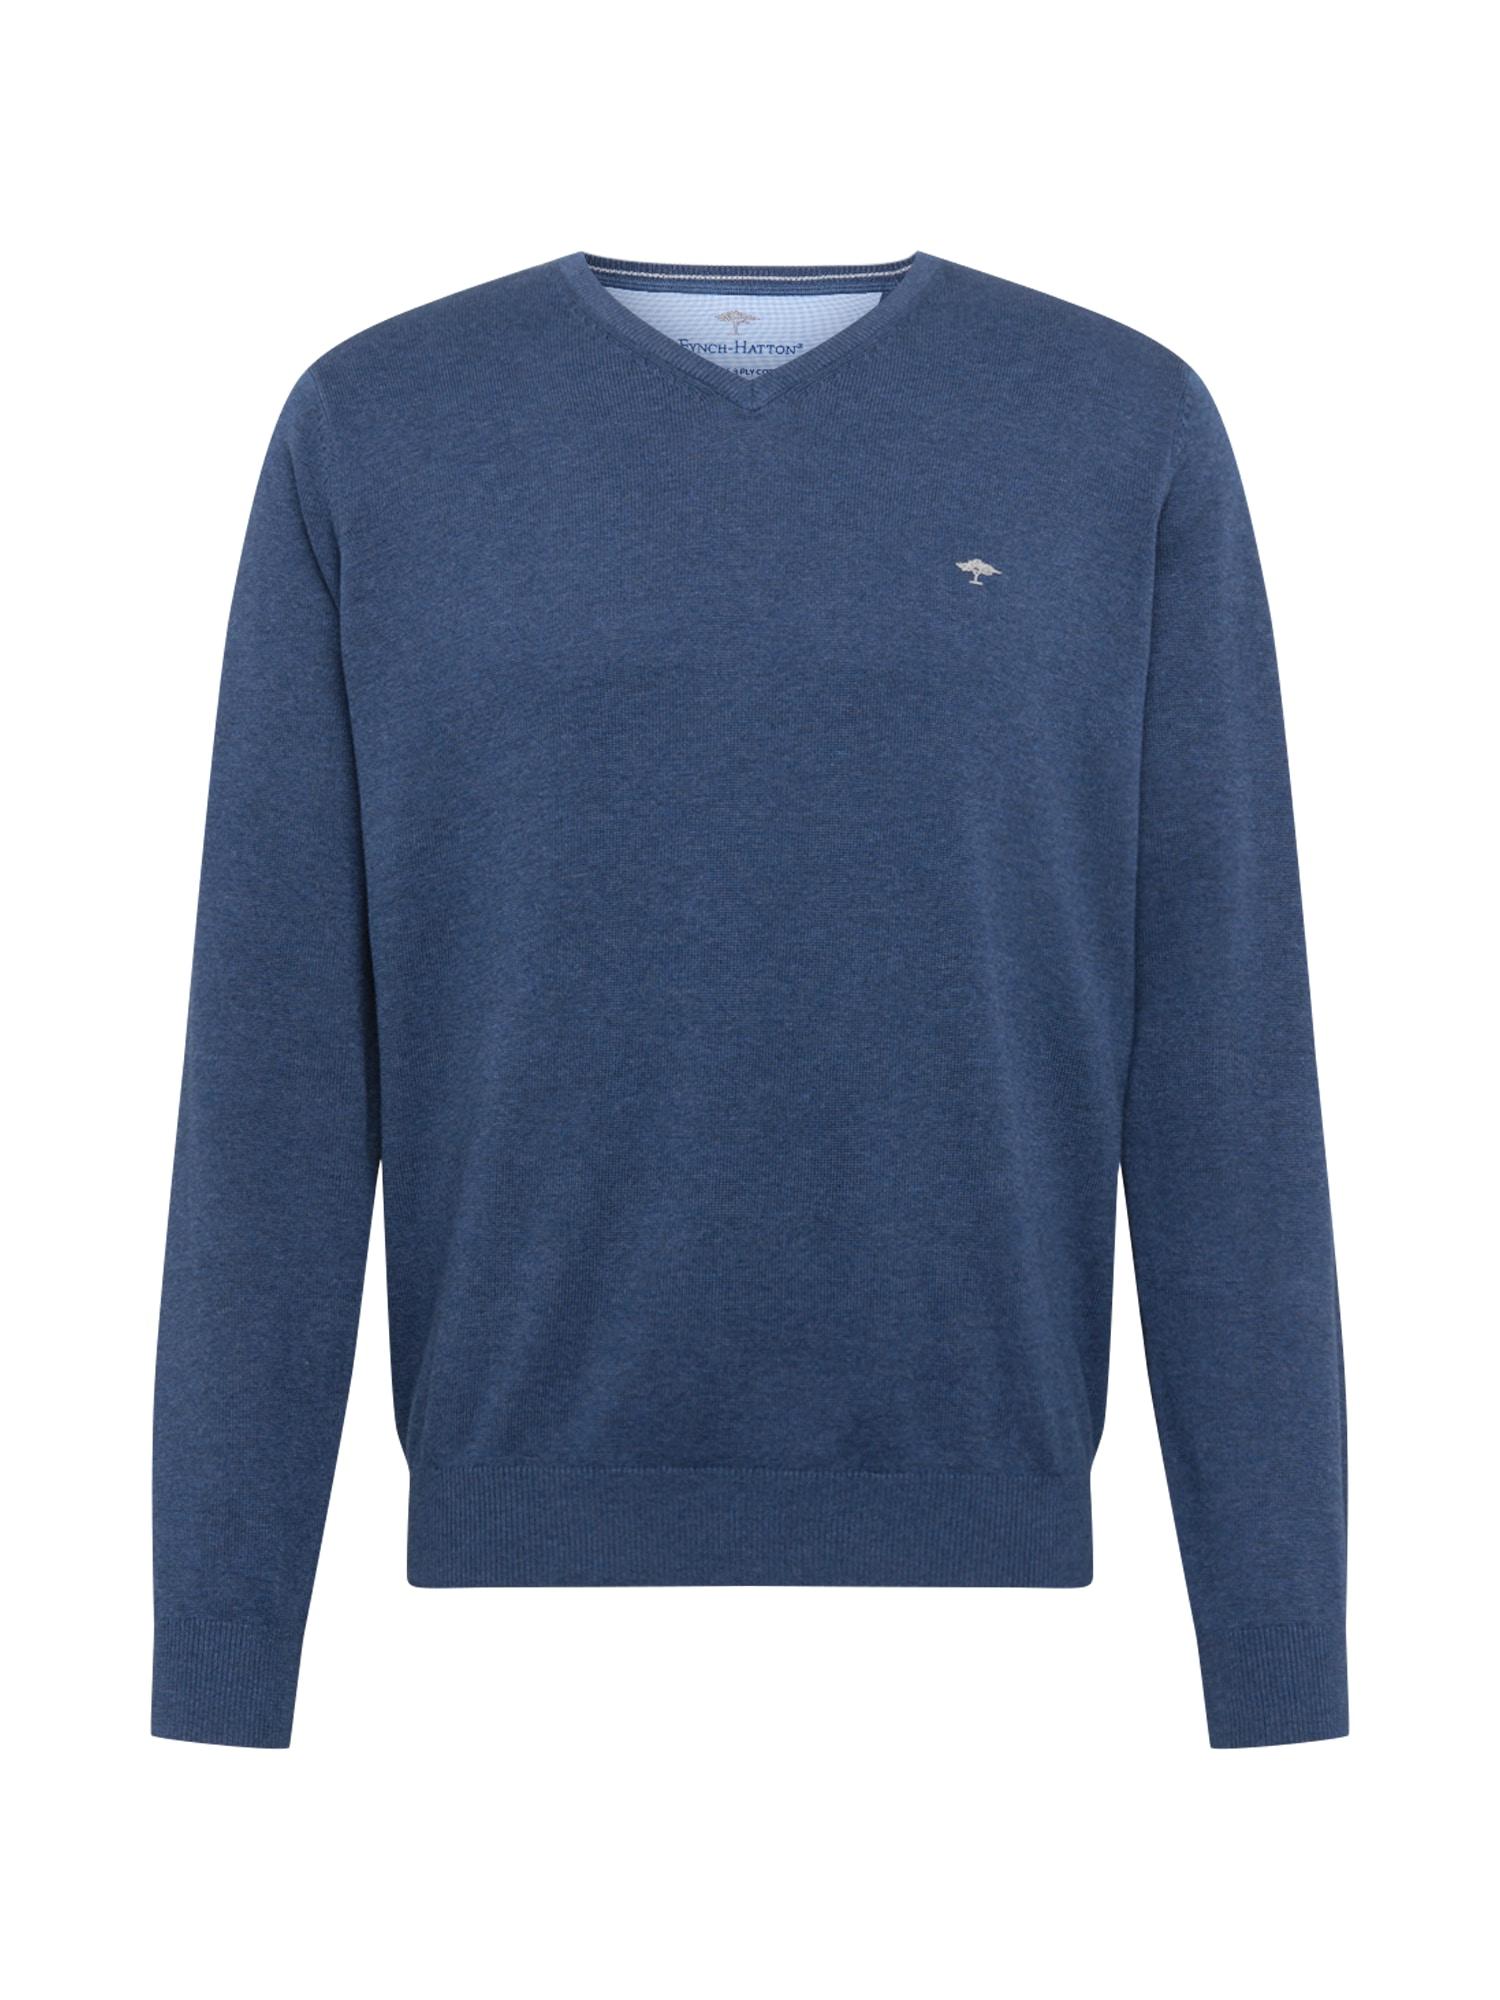 FYNCH-HATTON Megztinis mėlyna